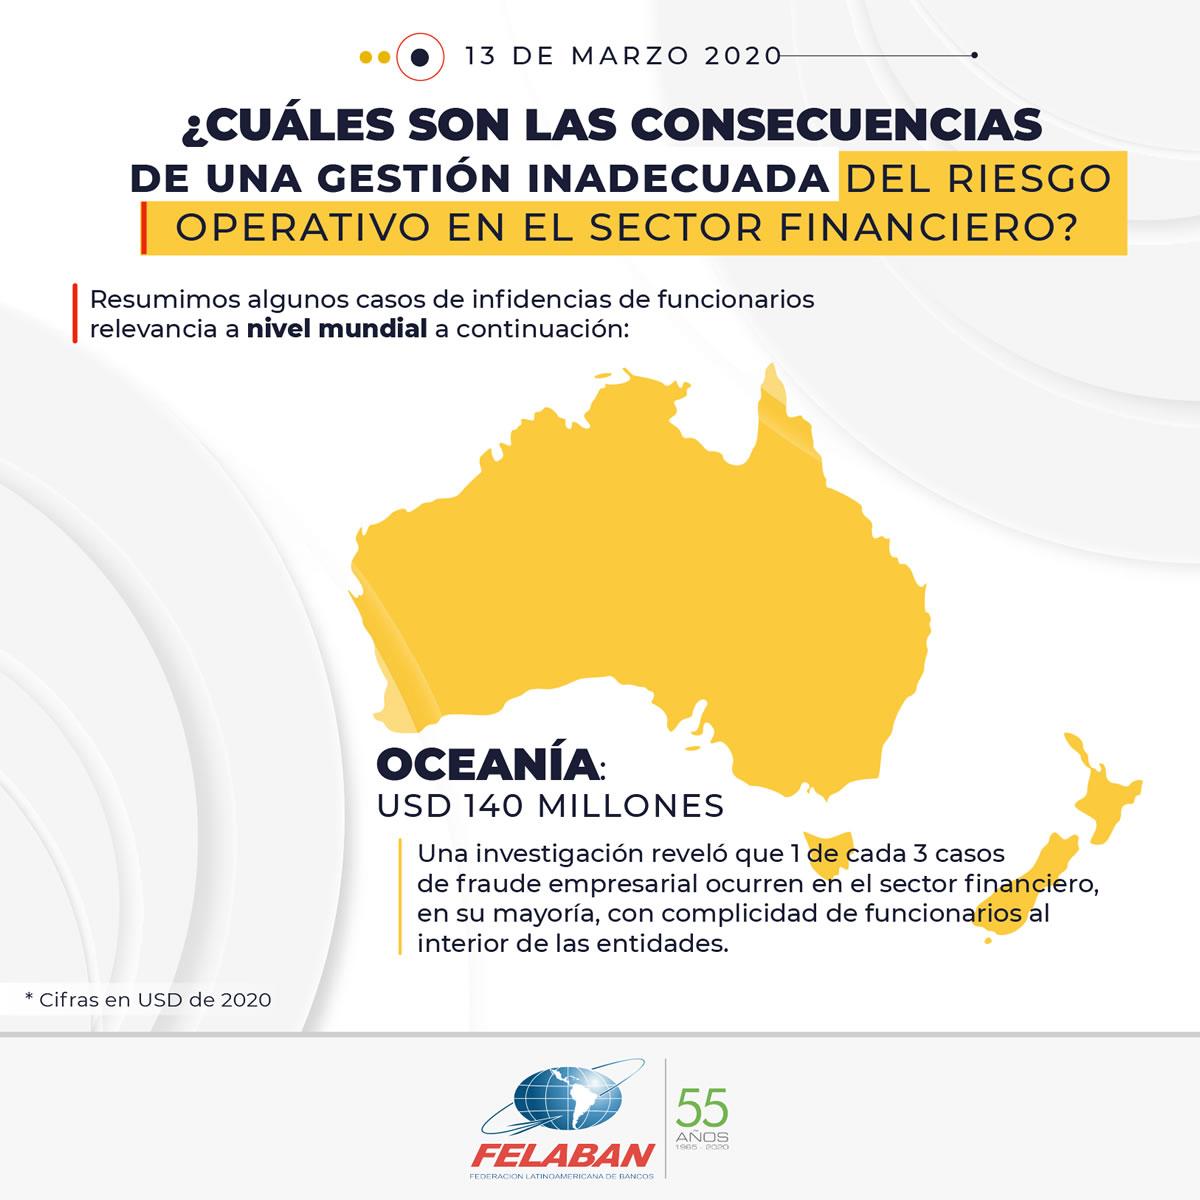 Gráfica Económica Nro 18-4 - ¿Cuáles son las consecuencias de una gestión inadecuada del riesgo operativo en el sector financiero? - Oceanía